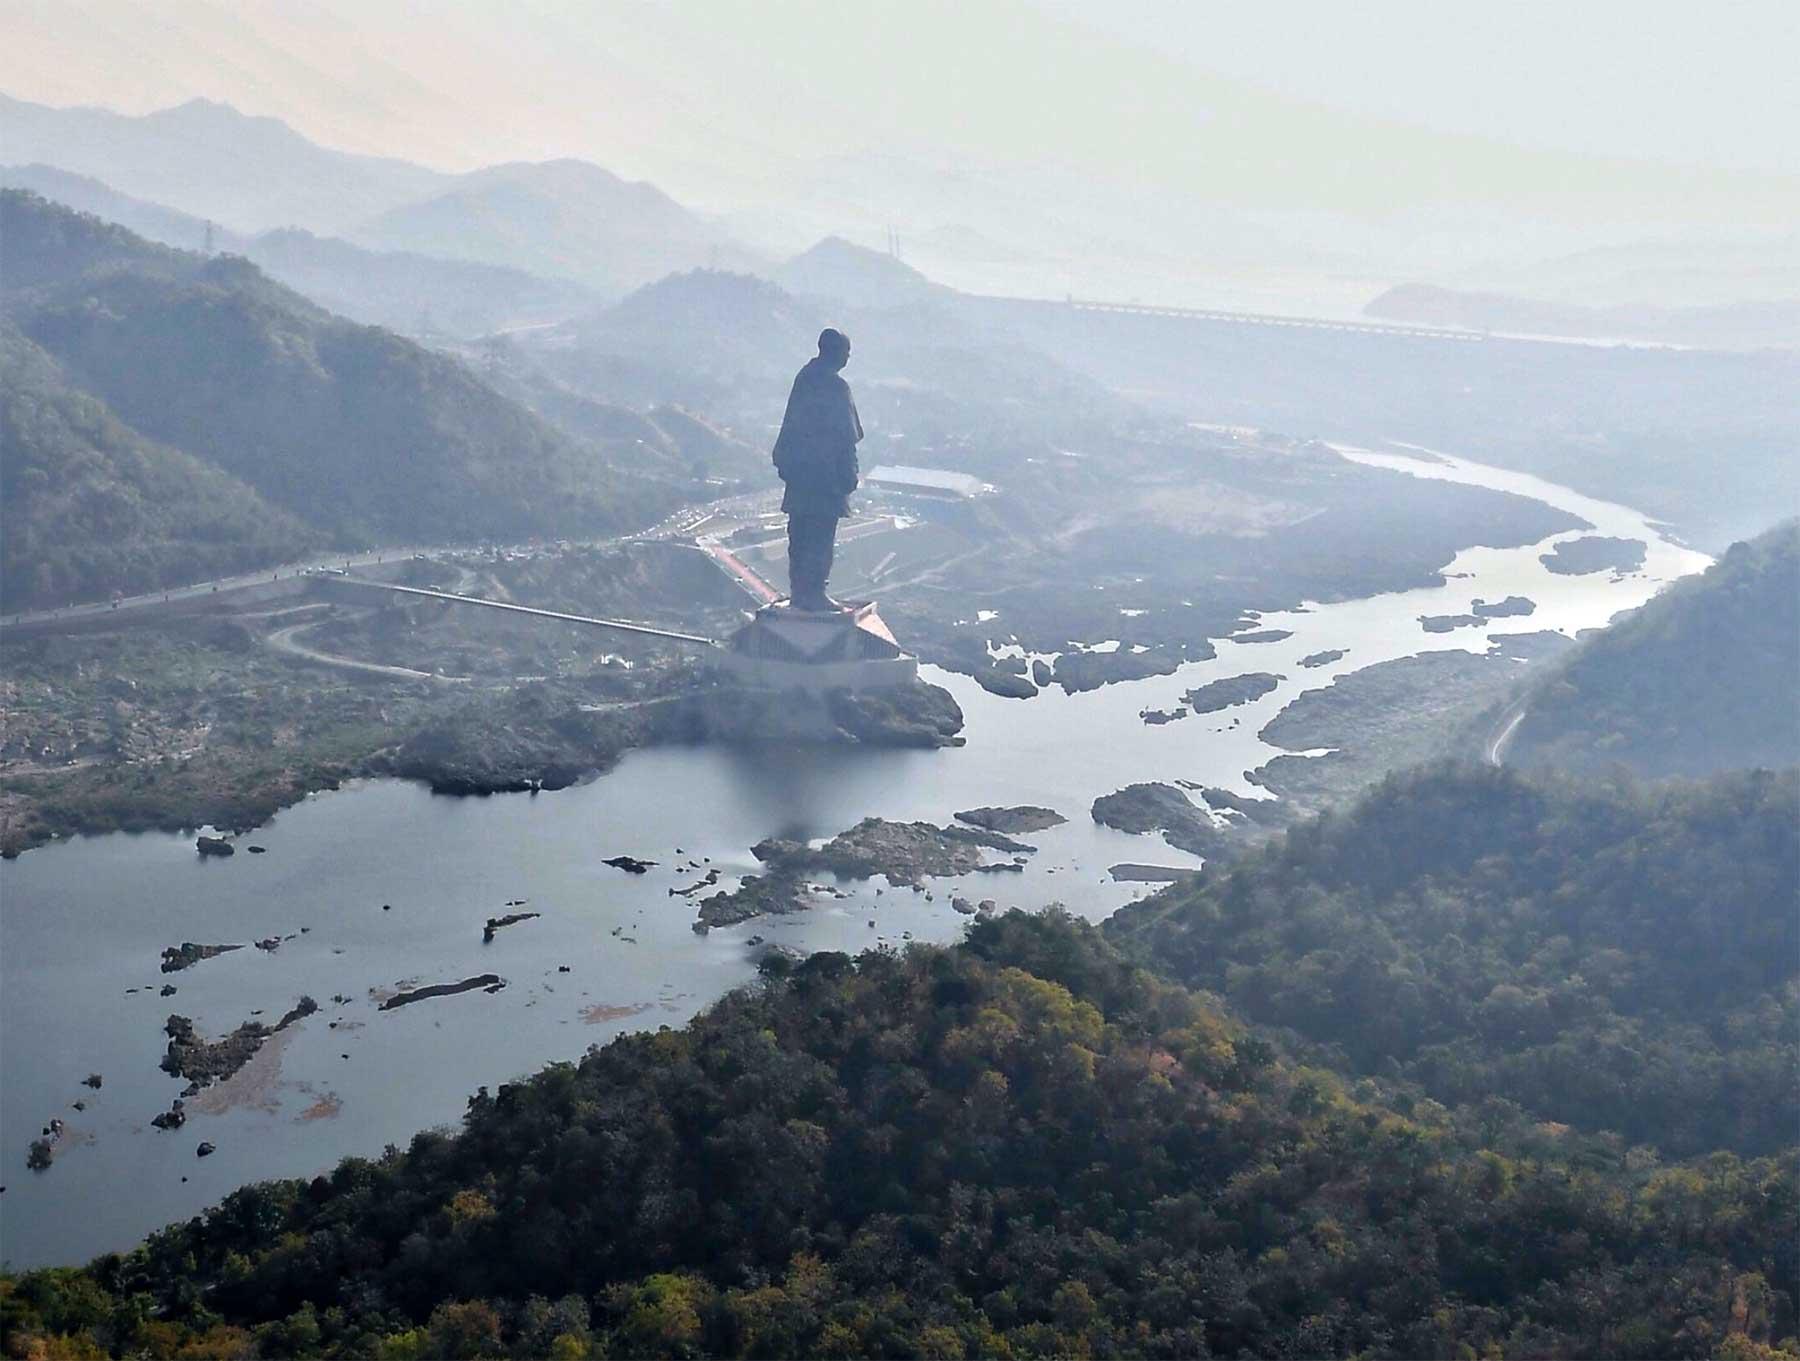 In Indien steht jetzt die größte Statue der Welt groesste-statue-der-welt-statue-of-unity_02